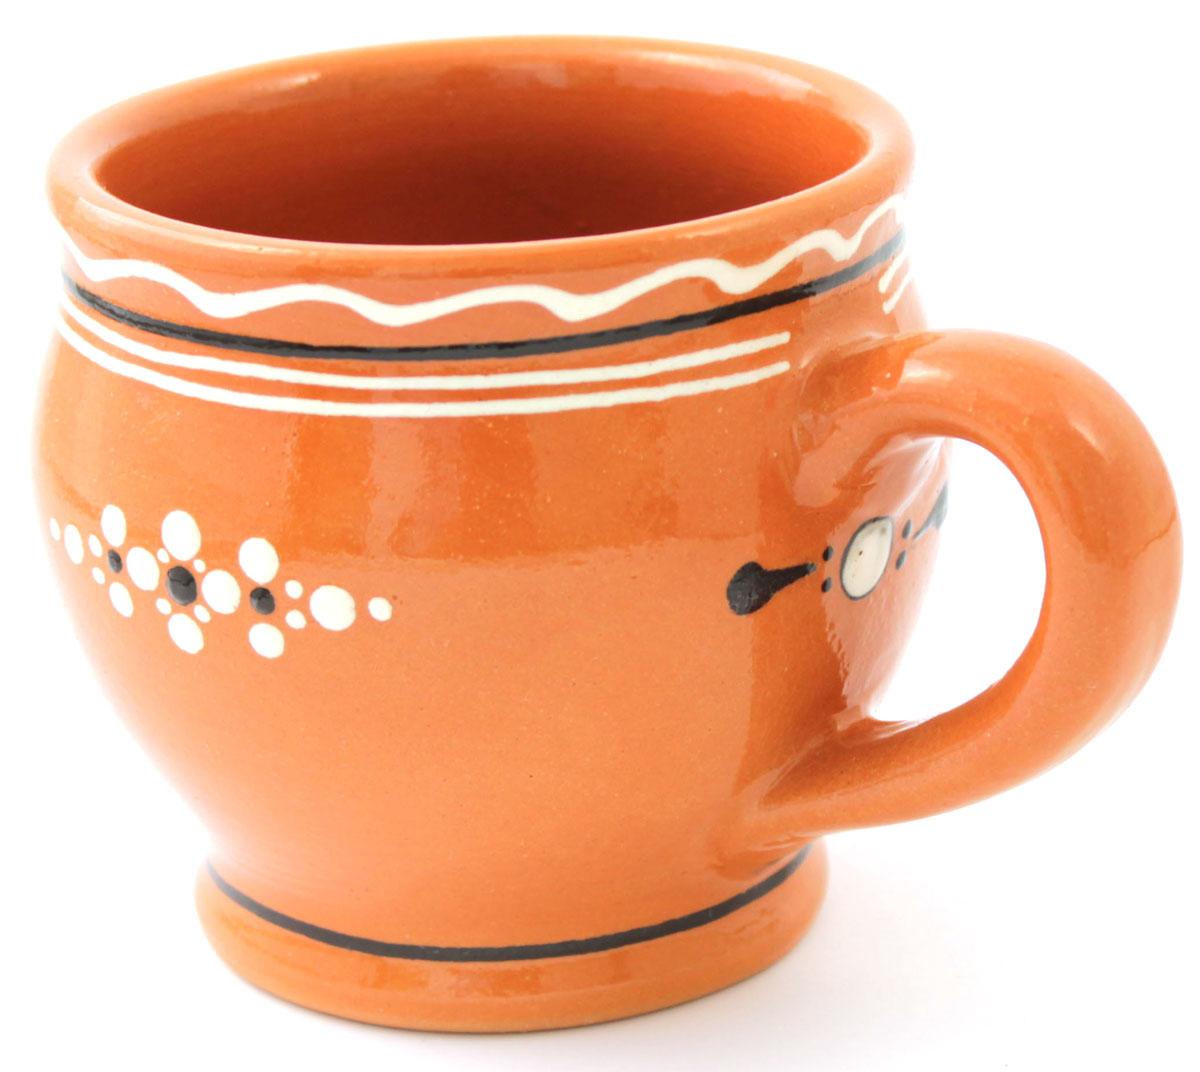 Кружка для молока Ломоносовская керамика, 300 млЛ0723Кружка для молока Ломоносовская керамика выполнена из высококачественной глины и оформлена оригинальным рисунком. Такая кружка прекрасно оформит стол и пригодится на любой кухне.